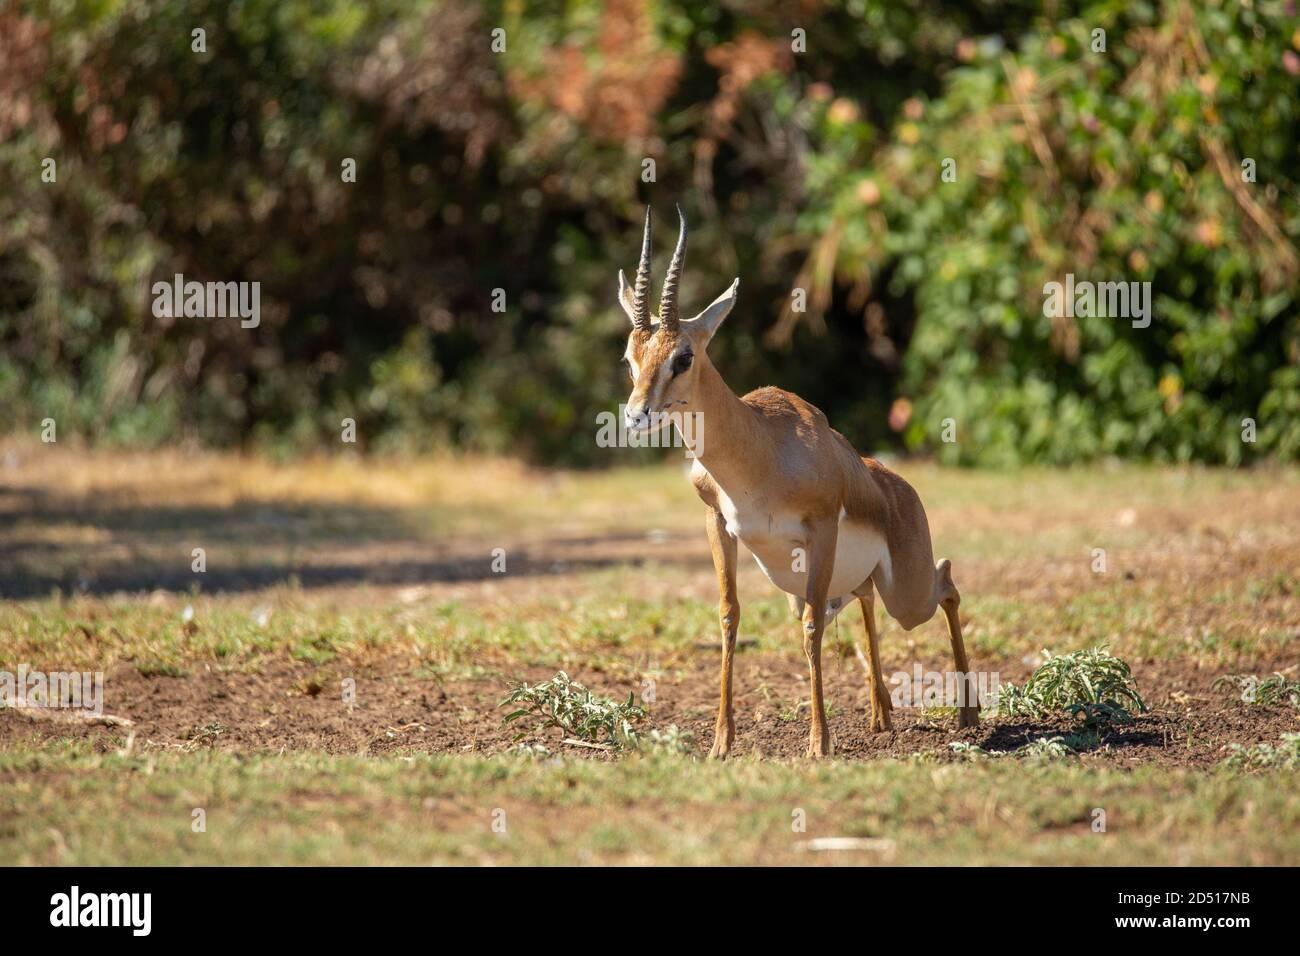 The mountain gazelle or the Palestine mountain gazelle (Gazella ...